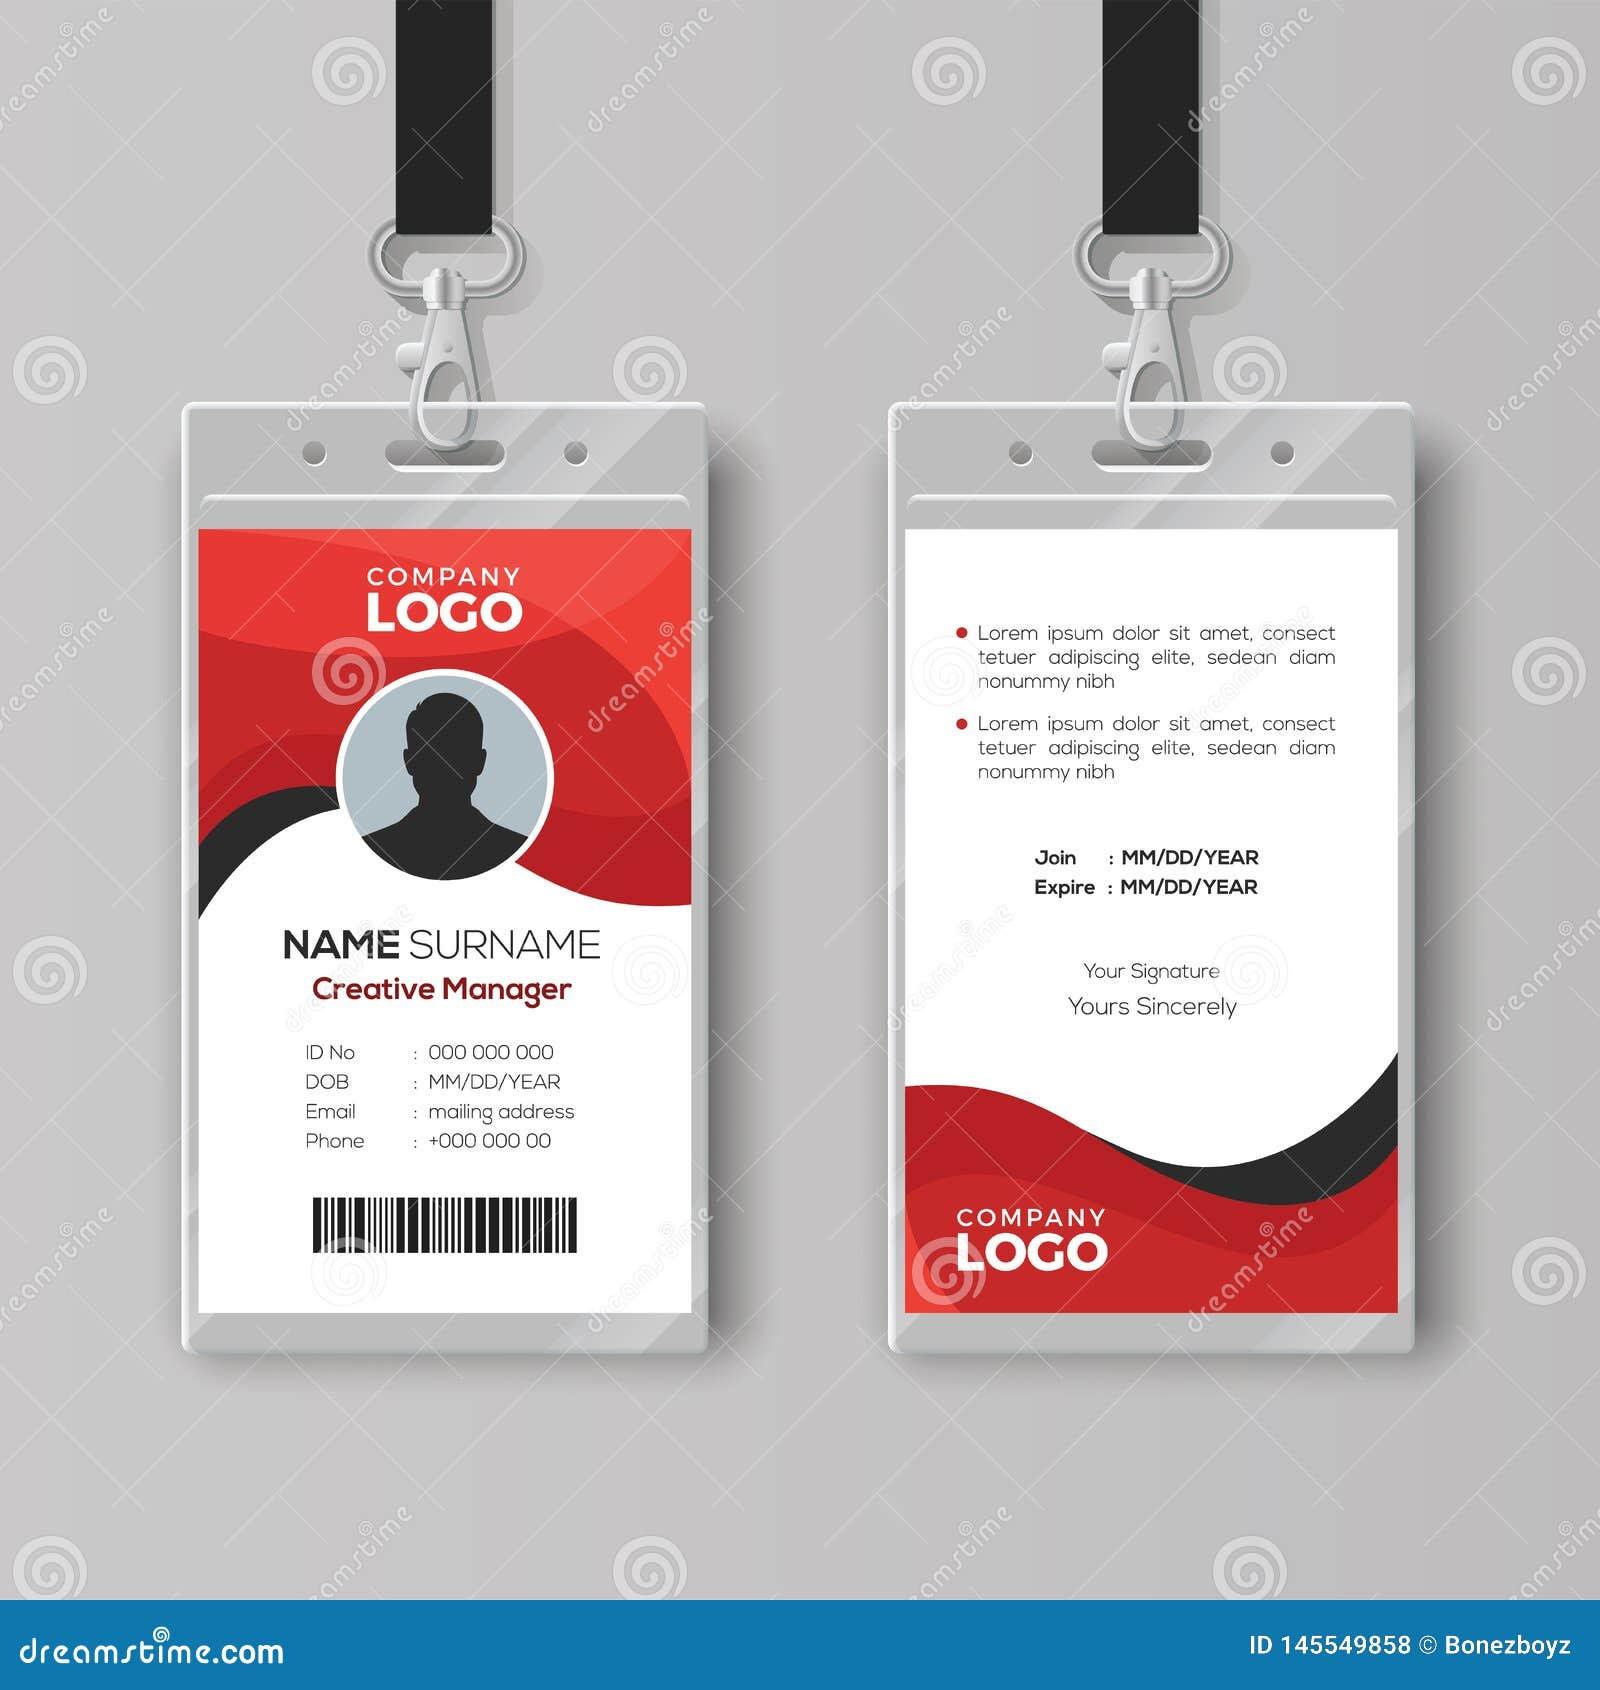 Professioneel identiteitskaartmalplaatje met rode details